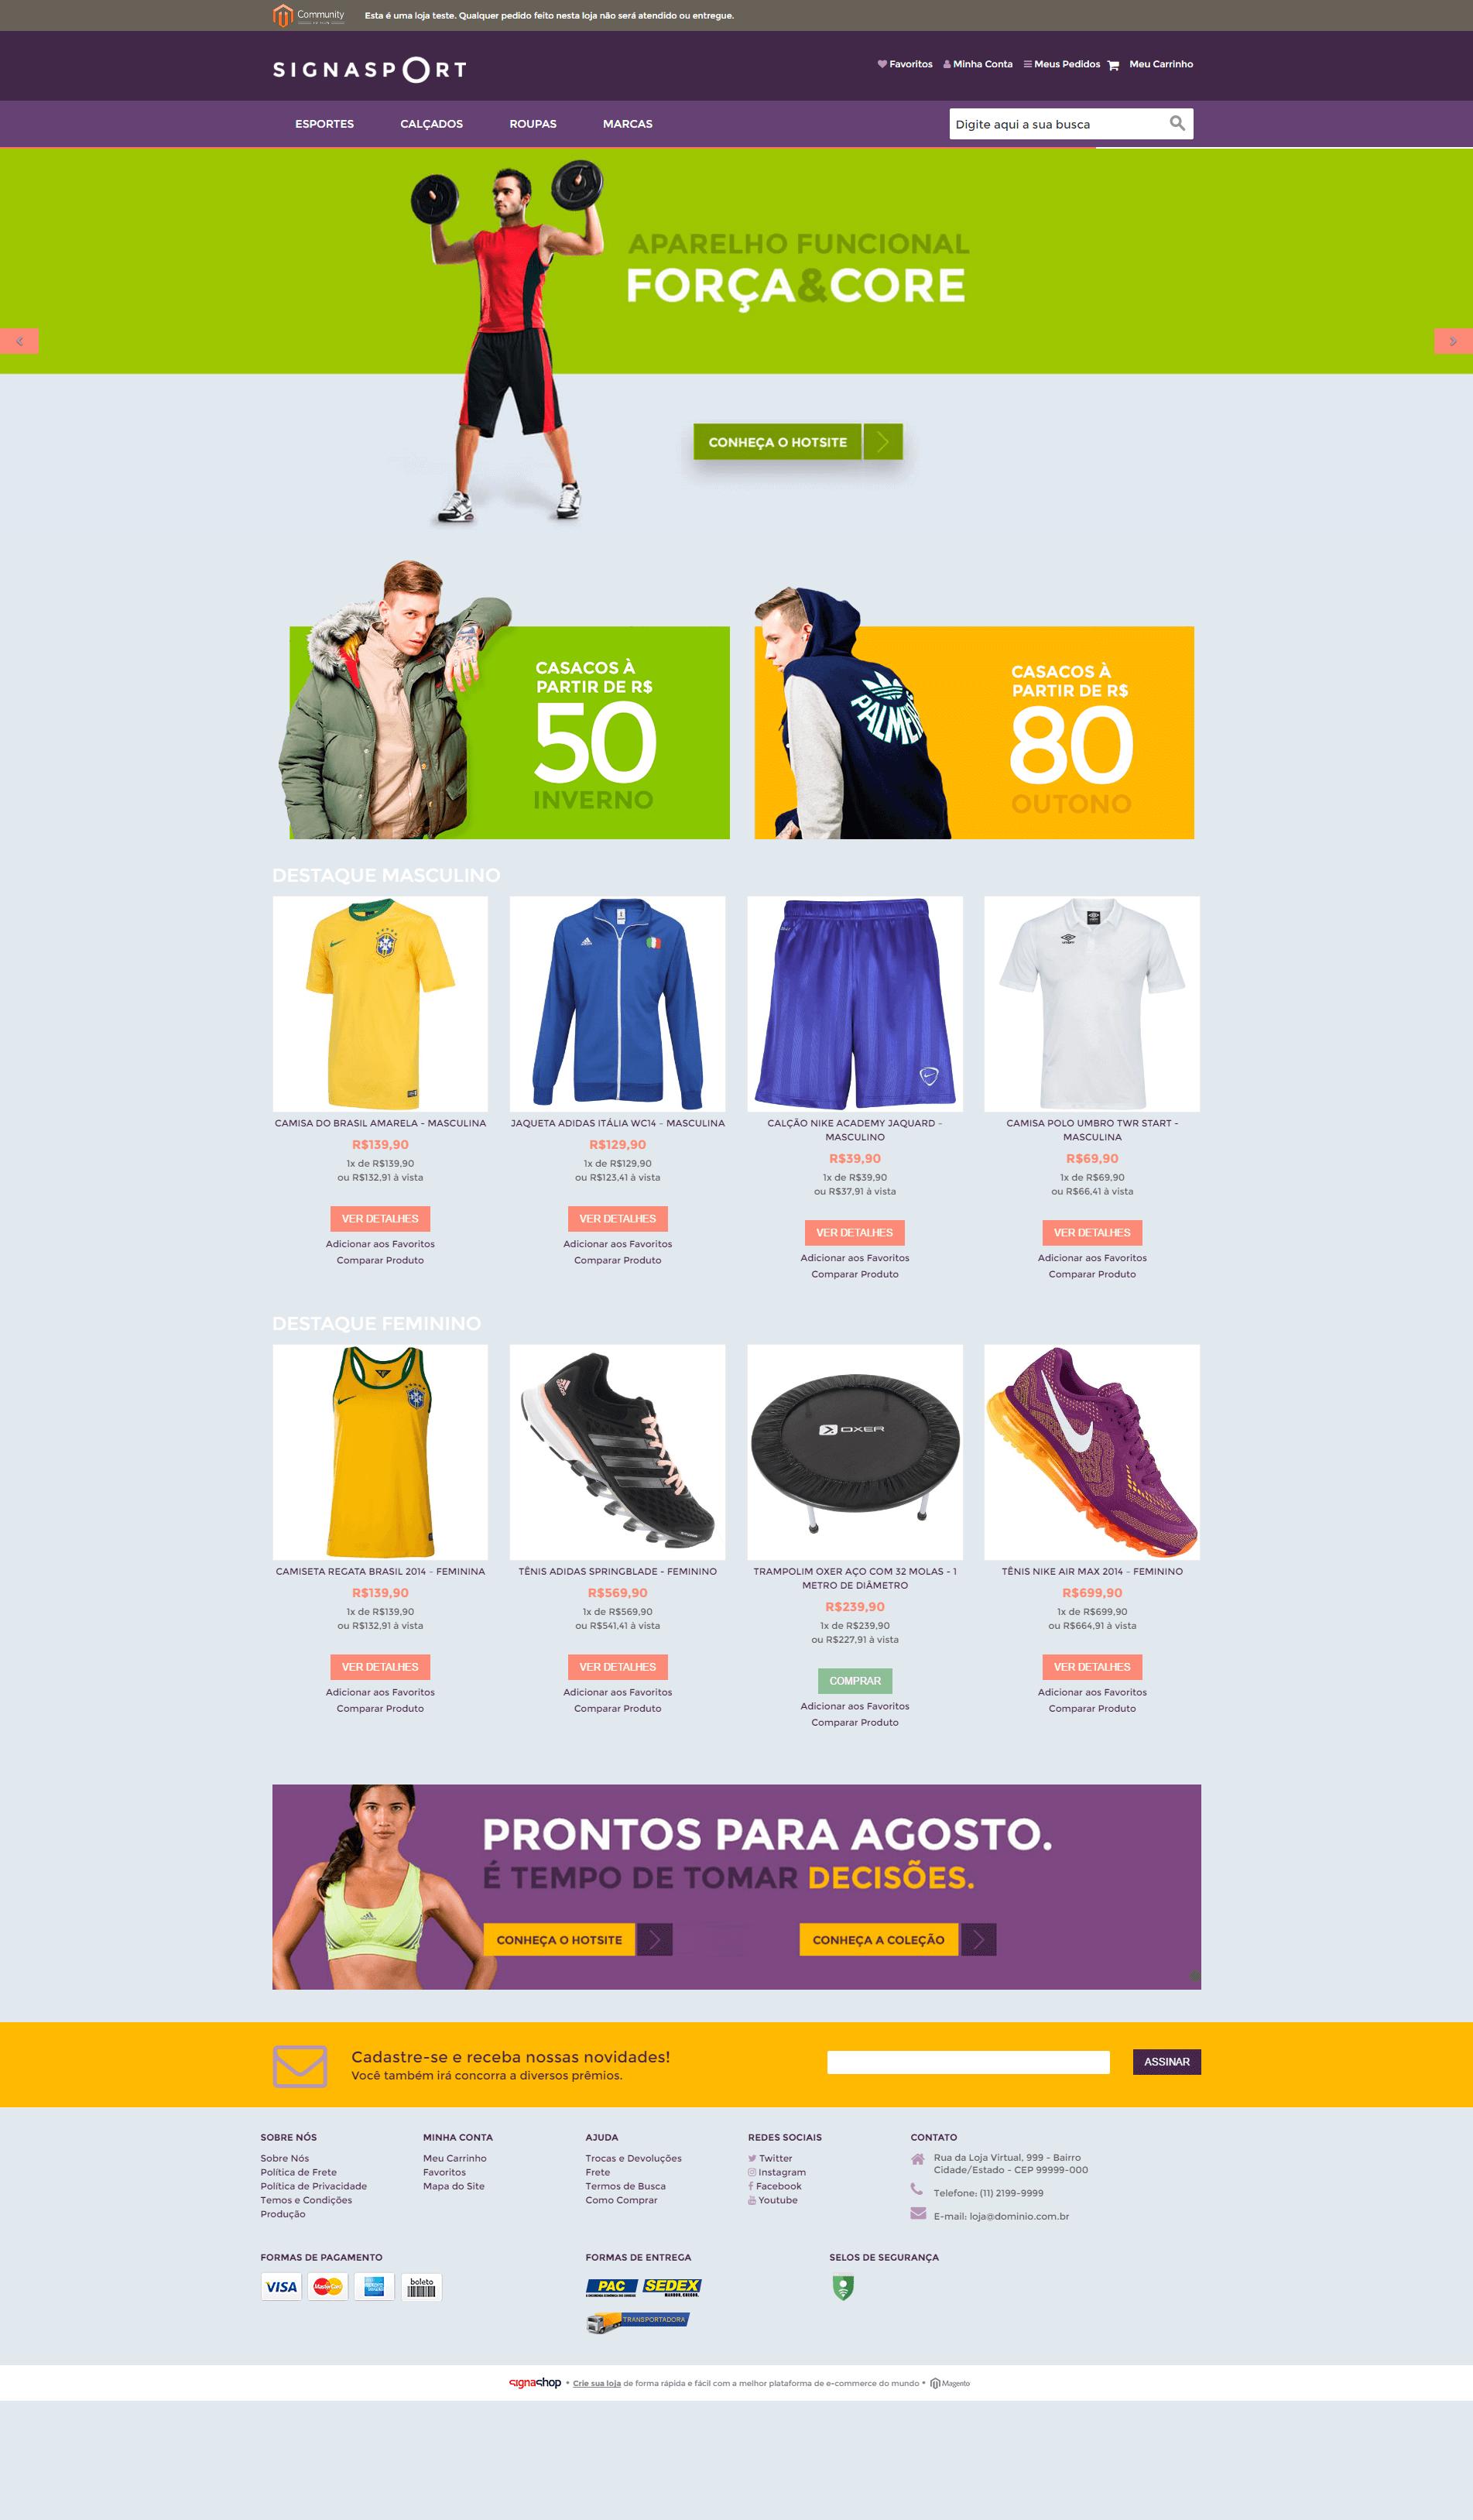 2537ce53b7a92 Loja de Esportes - Modelo 2 - Temas para sua loja virtual